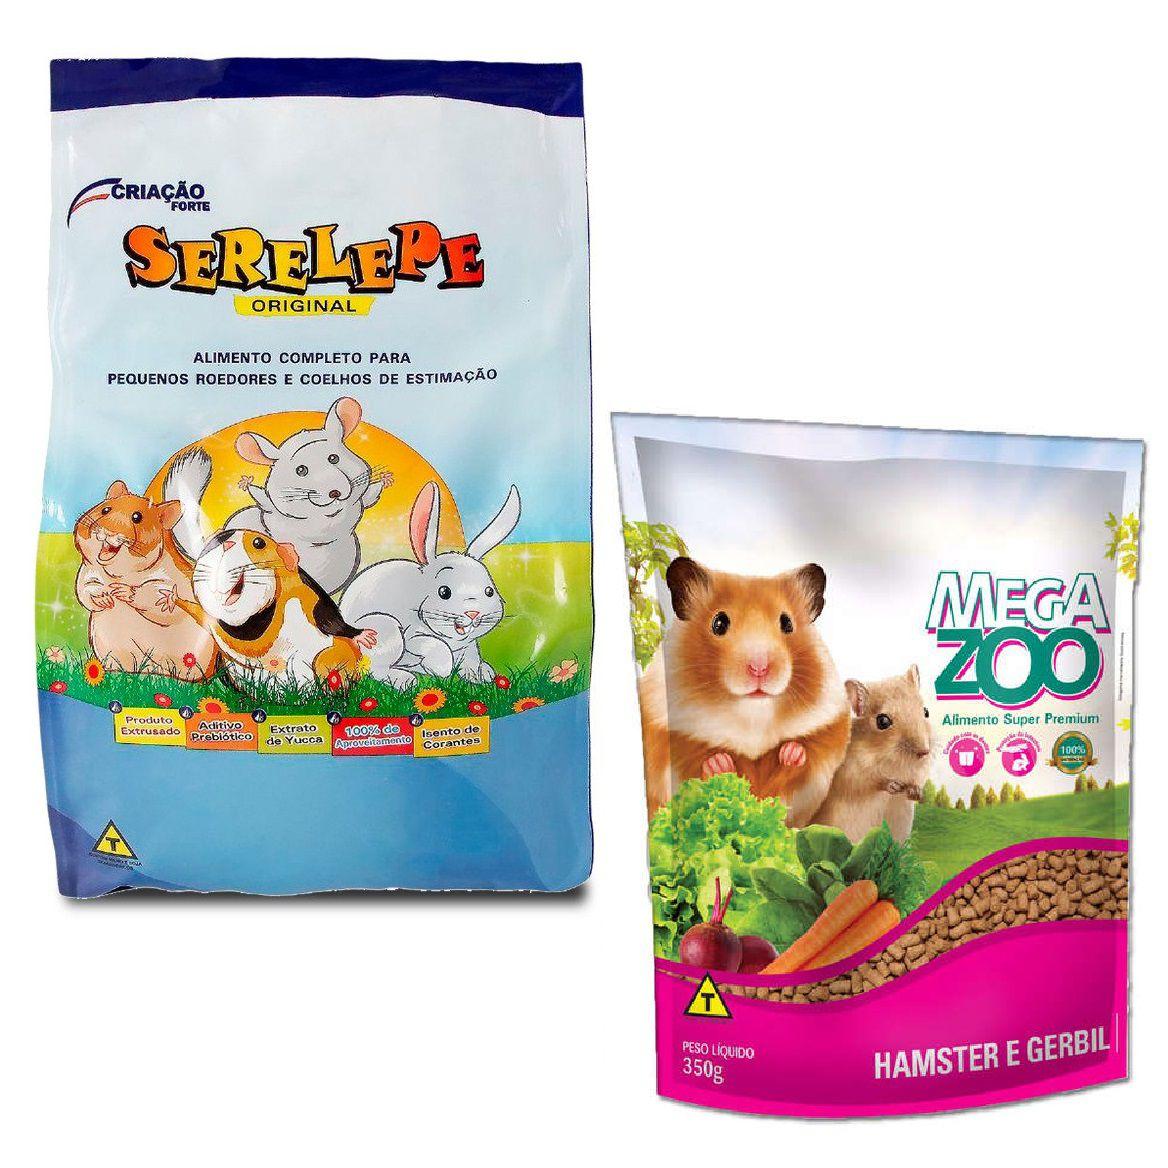 Kit Ração Super Premium Hamster E Gerbil MegaZoo + Serelepe